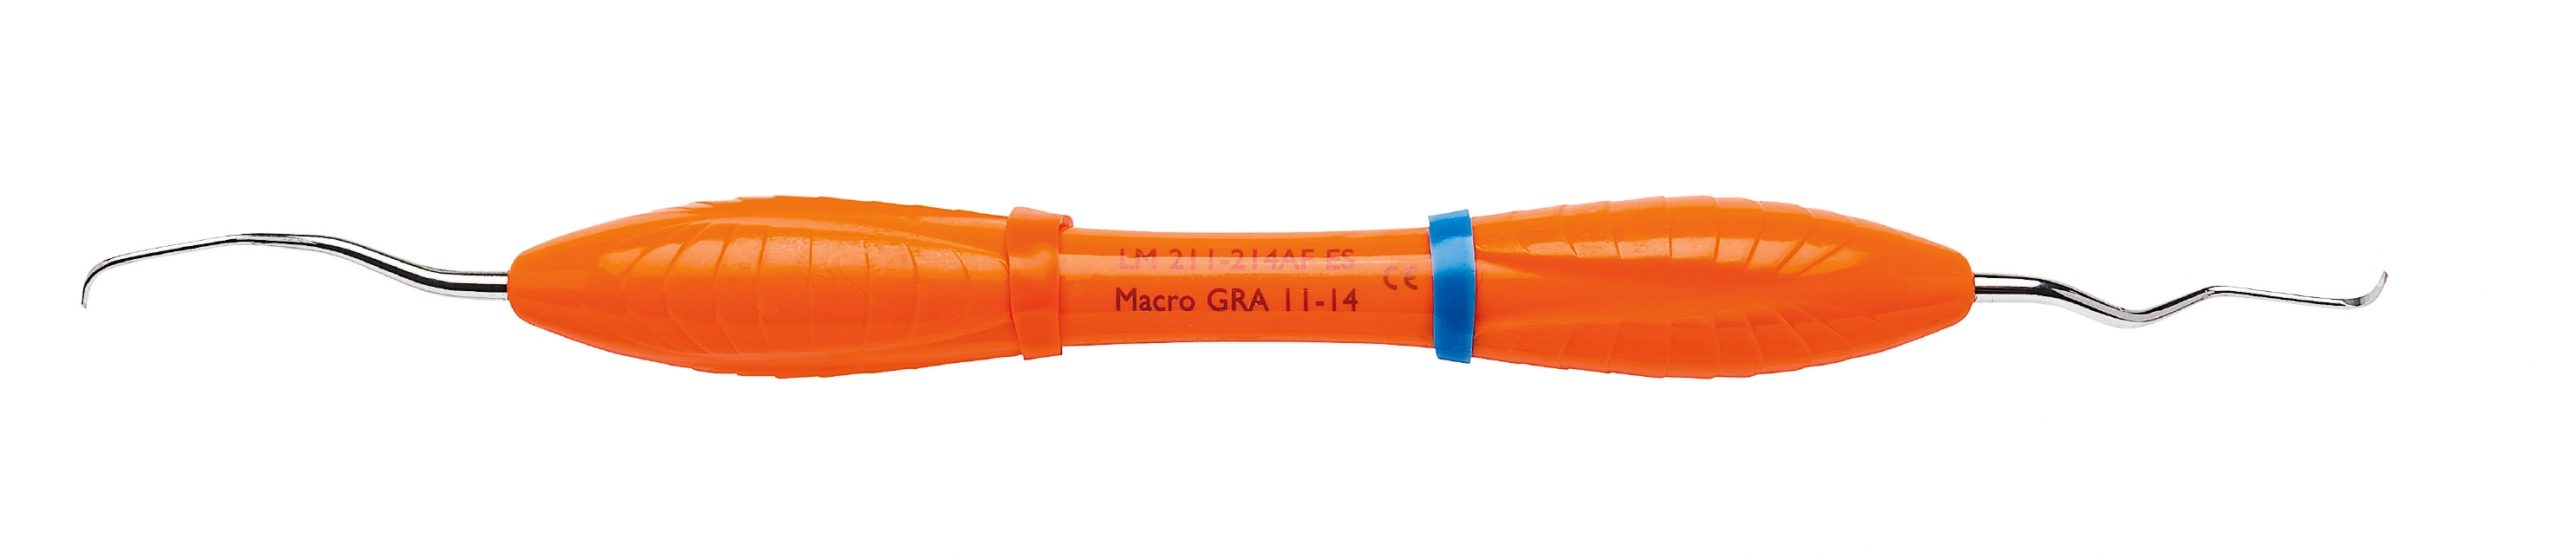 Macro GRA 11-14 LM 211-214AF ES-1